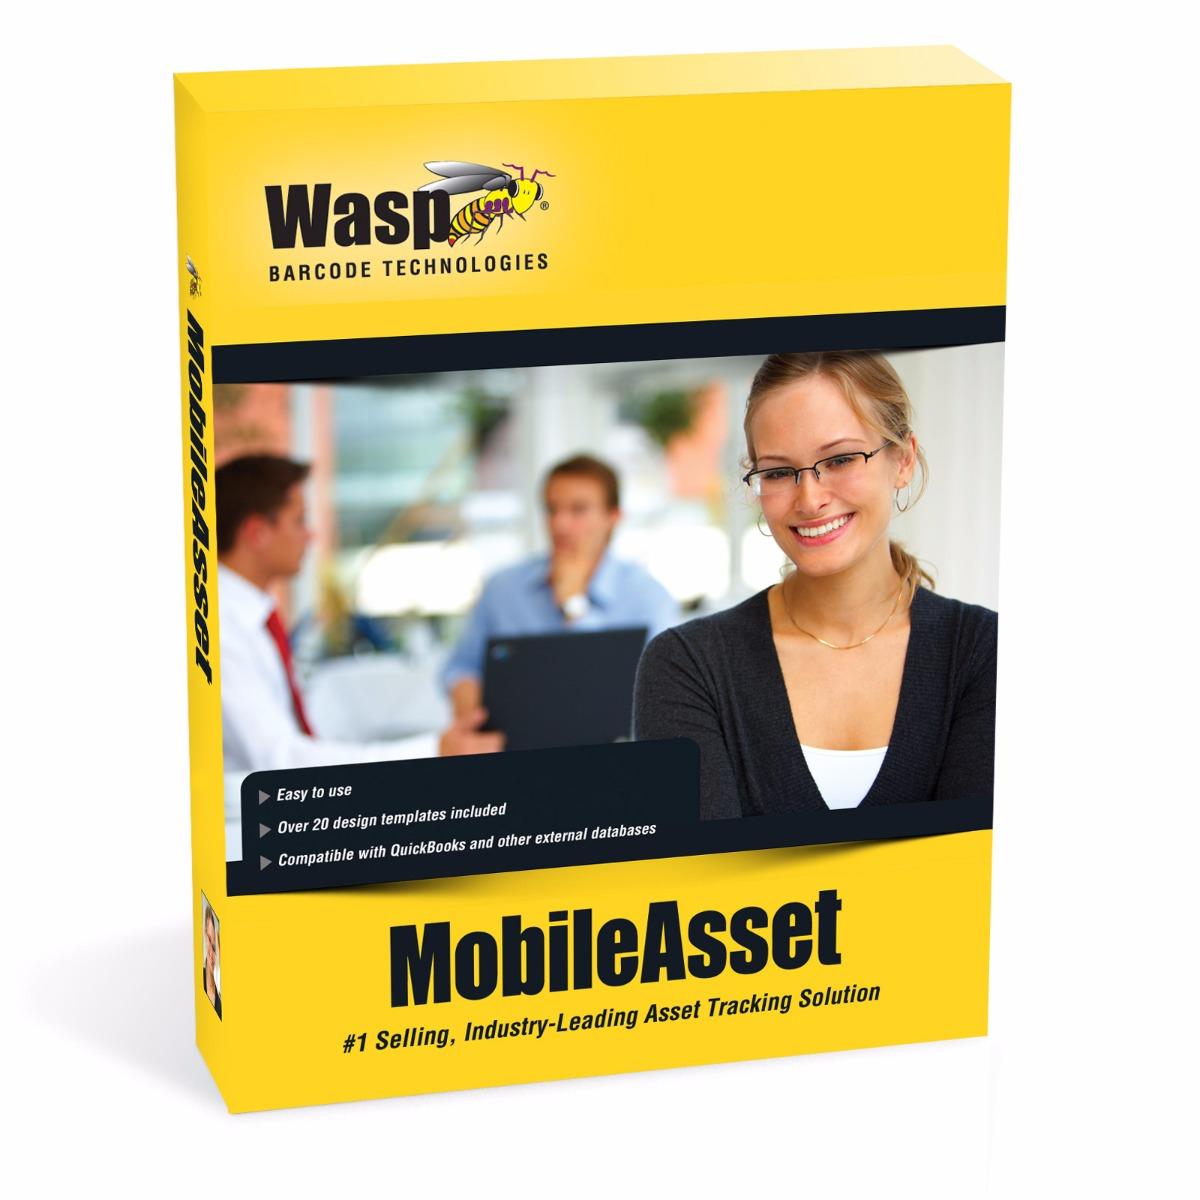 Wasp Mobile Asset v7 Enterprise